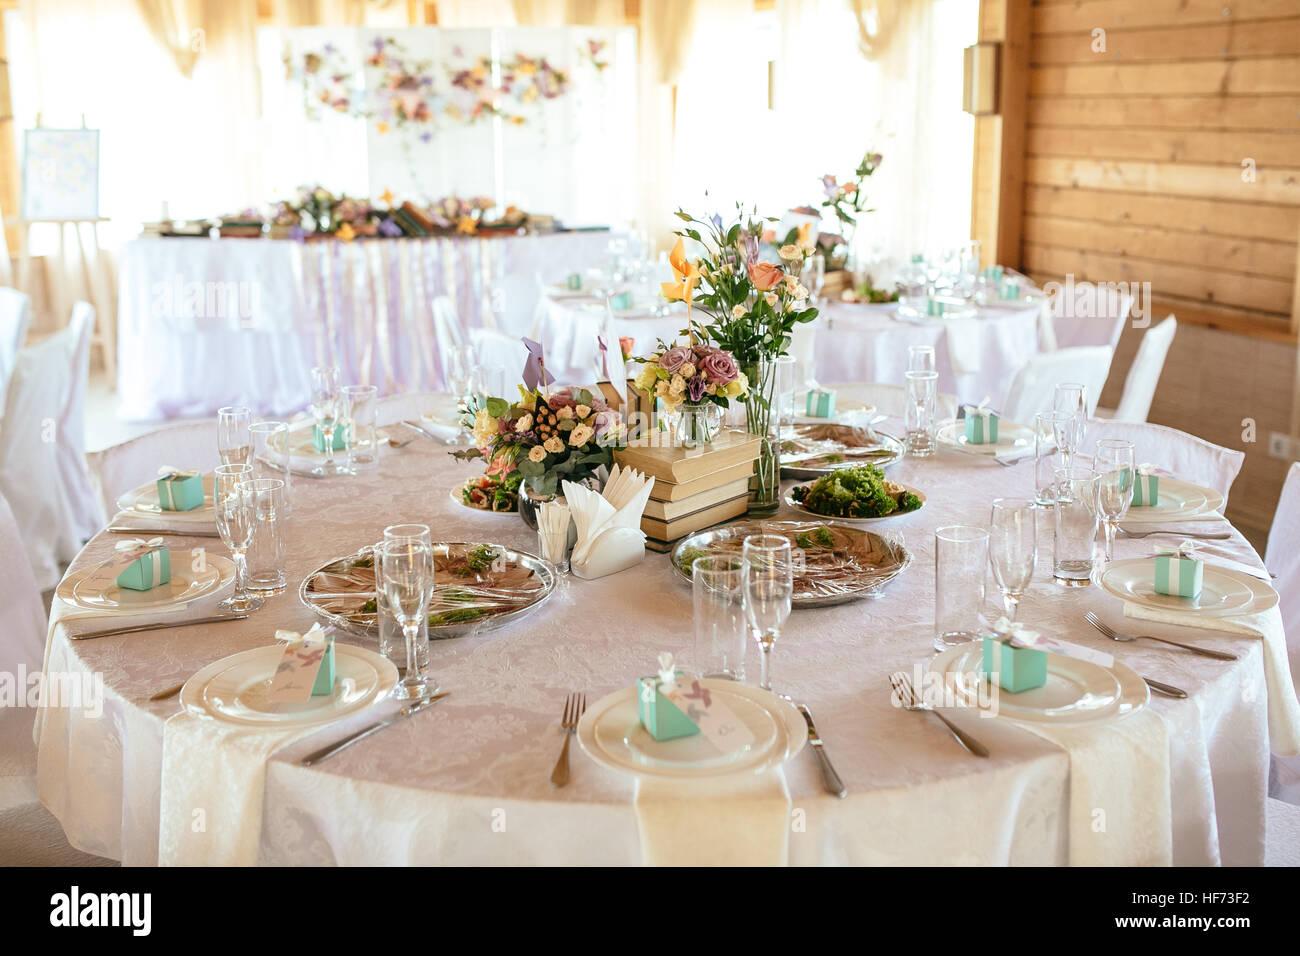 Hochzeit Tisch Termine Mit Schoner Dekoration Und Blumen Stockfoto